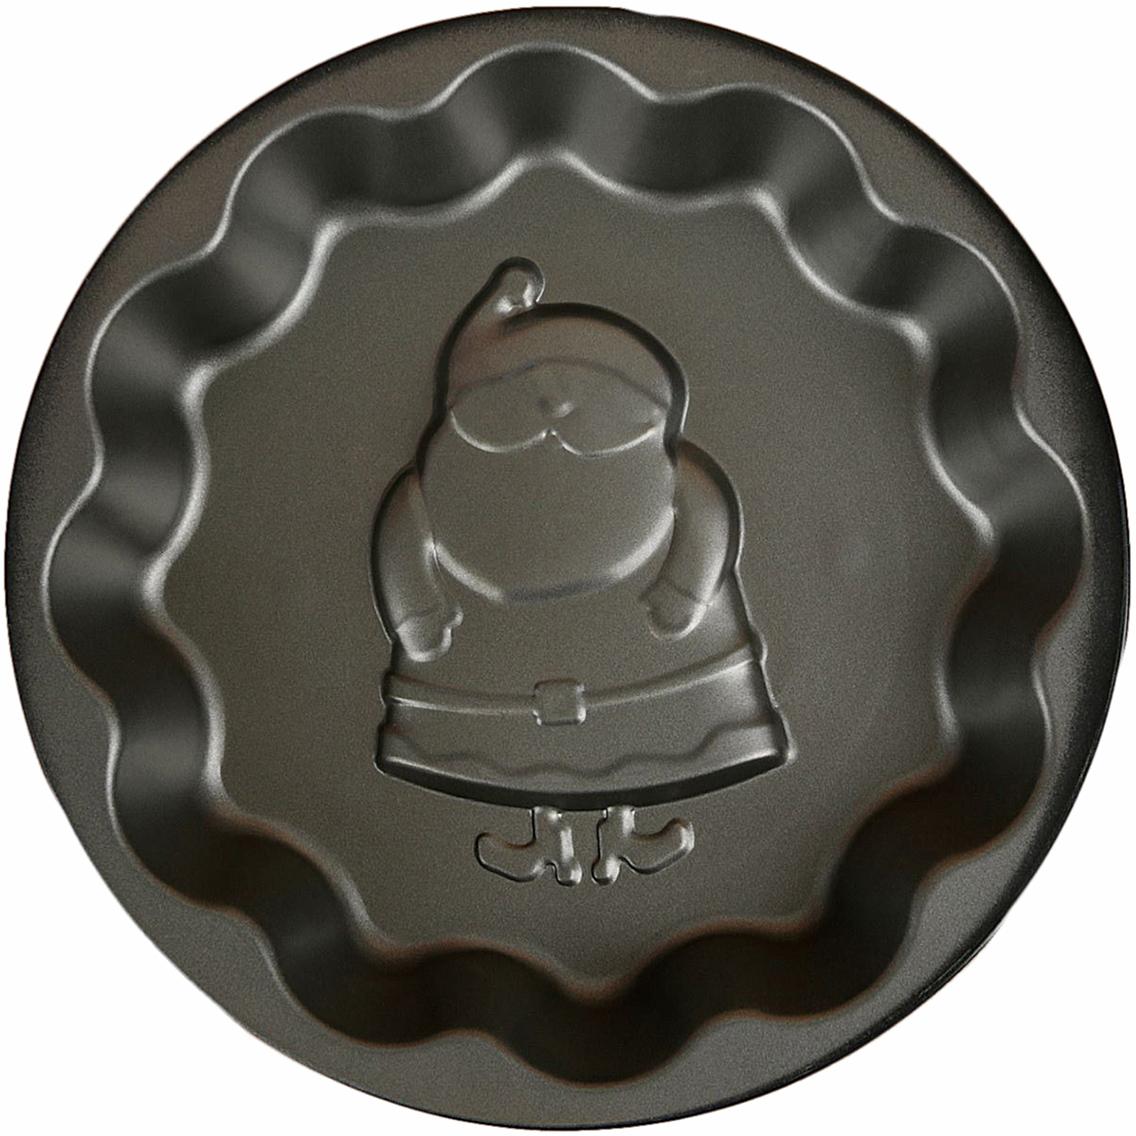 Форма для выпечки Доляна Волнистый круг. Дед мороз, с антипригарным покрытием, 25 х 4 см2397285Форма с антипригарным покрытием пригодится каждому повару, который привык готовить быстро и вкусно. Достоинства предмета Материал — углеродистая сталь — отличается особой прочностью и сохраняет все эксплуатационные свойства при температуре до +450 °С. Эффективное теплораспределение ускоряет процесс готовки. Антипригарное покрытие оберегает блюда от пригорания и сокращает расход масла. Поверхность не впитывает запахов и не вступает в реакции с продуктами питания. Форма легко отмывается. При аккуратном использовании изделие прослужит долгие годы. Рекомендуется избегать применения металлических предметов, губок и высокоабразивных моющих средств. Перед первым использованием тщательно промойте форму.